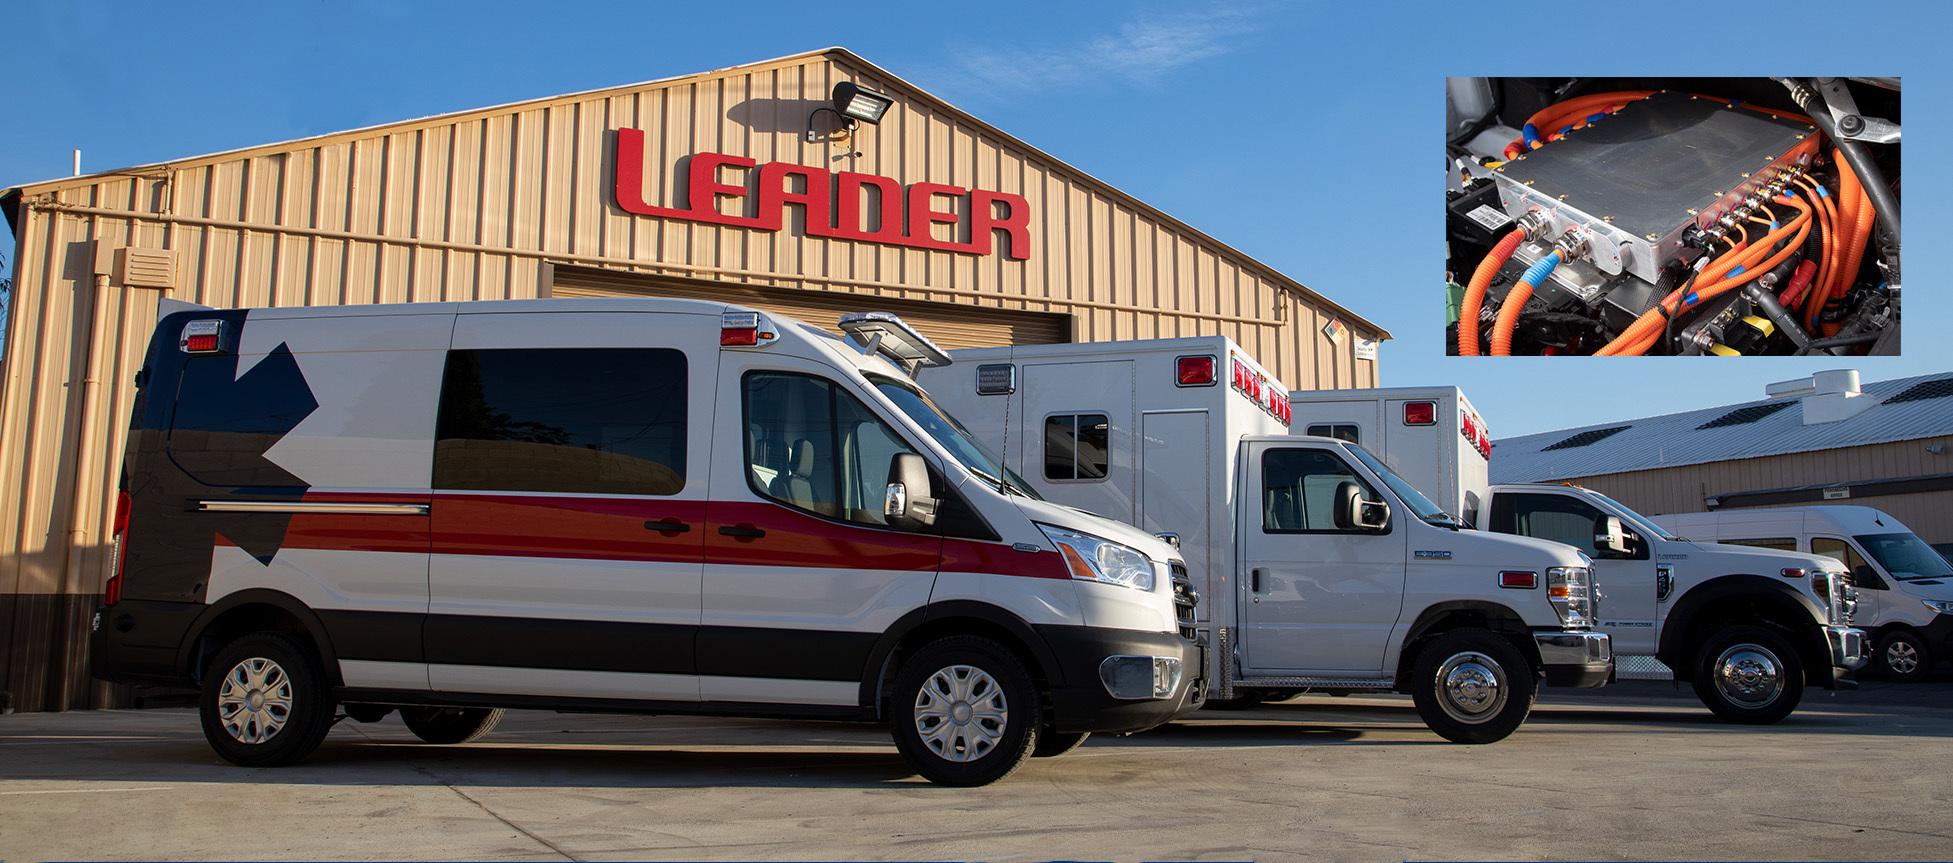 Lightning eMotors and REV Group Subsidiary to Produce Electric Ambulances